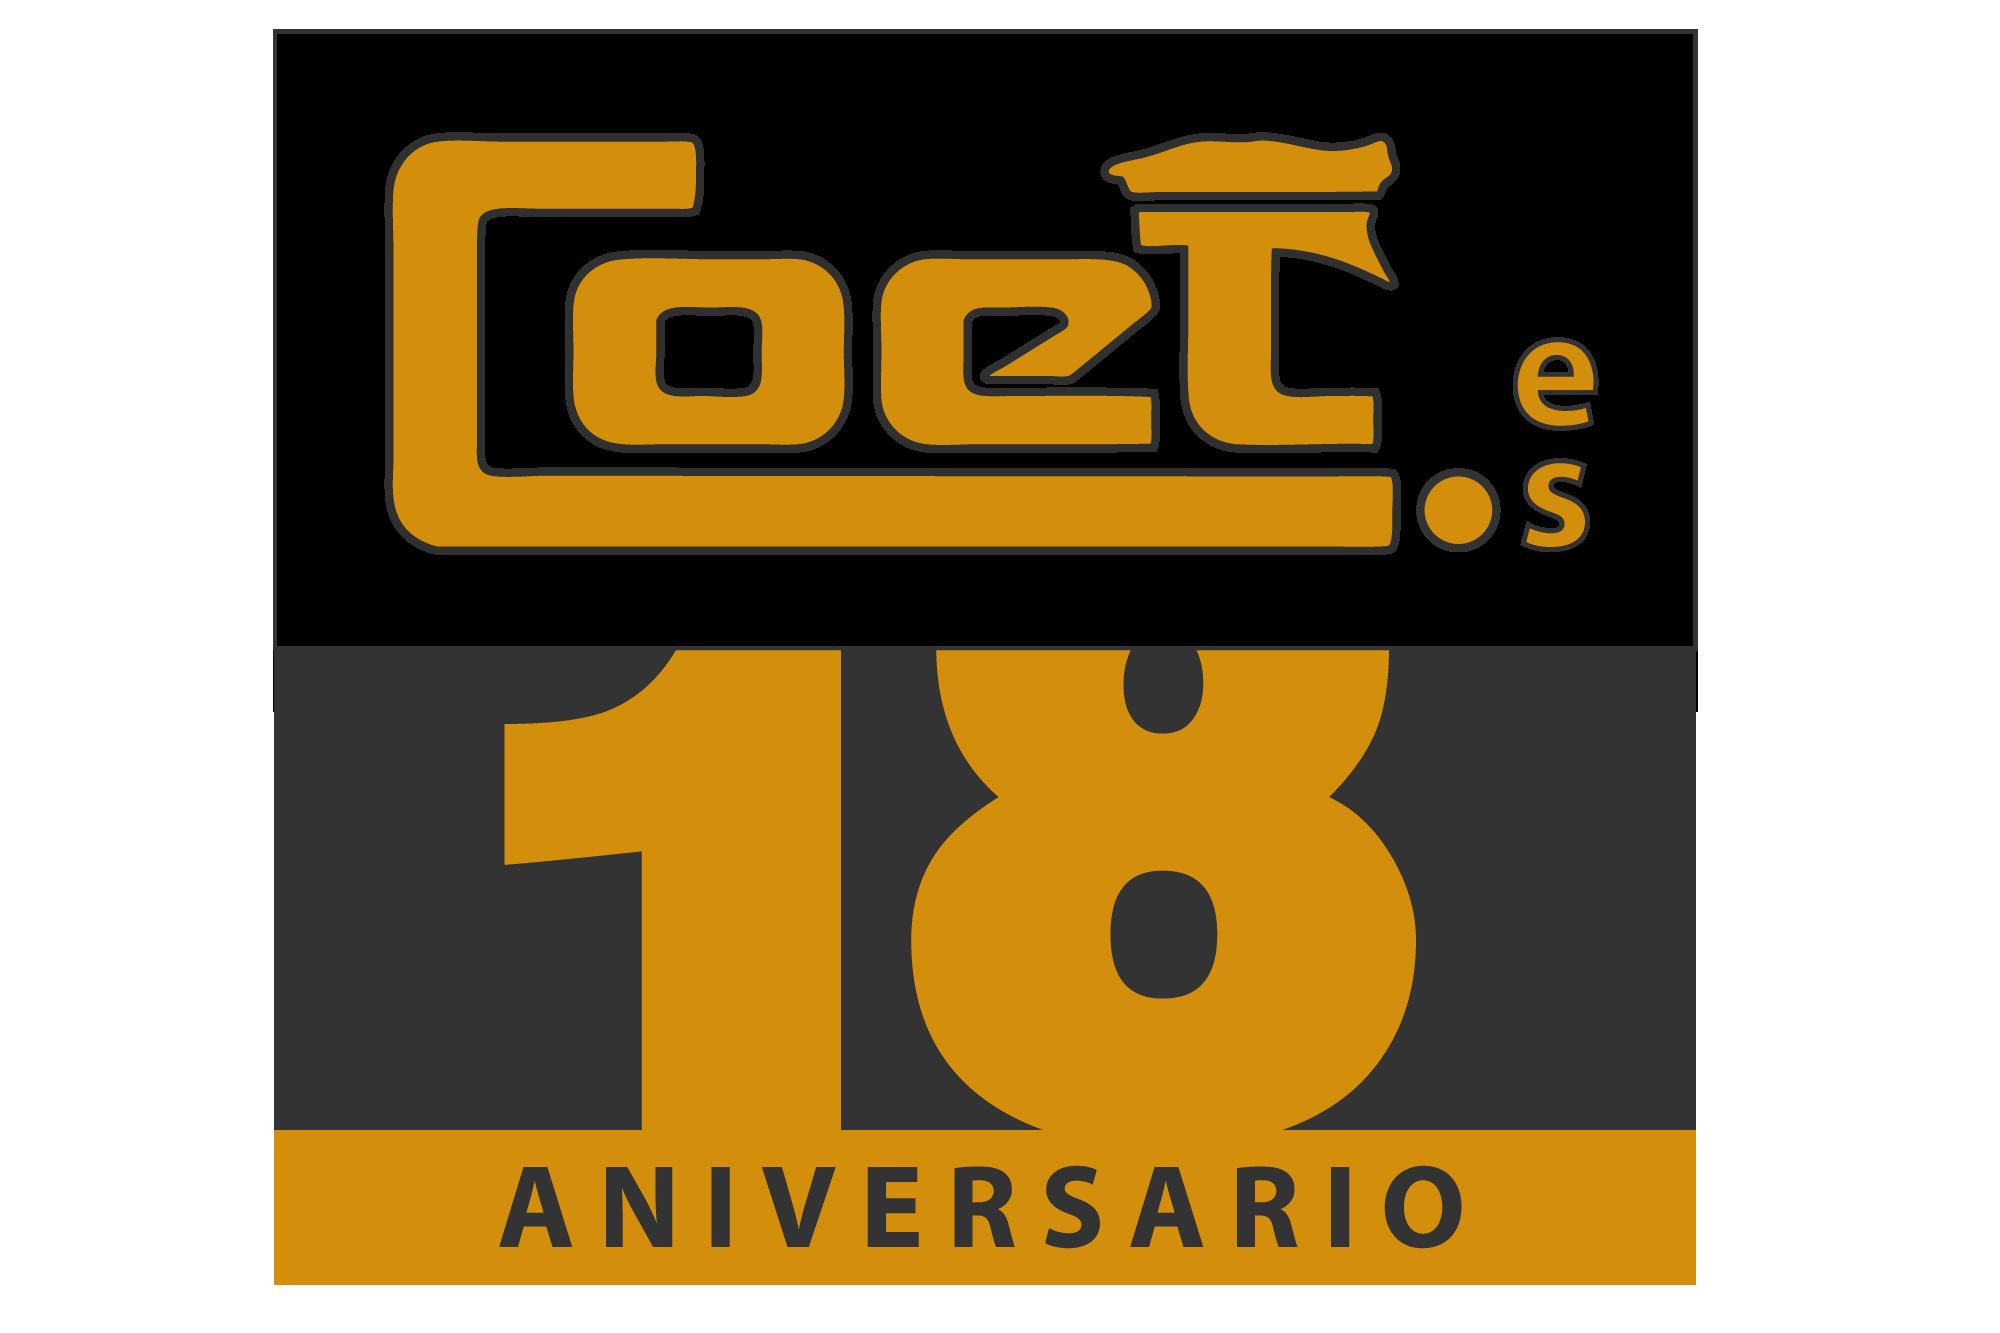 18 Aniversario coet.es